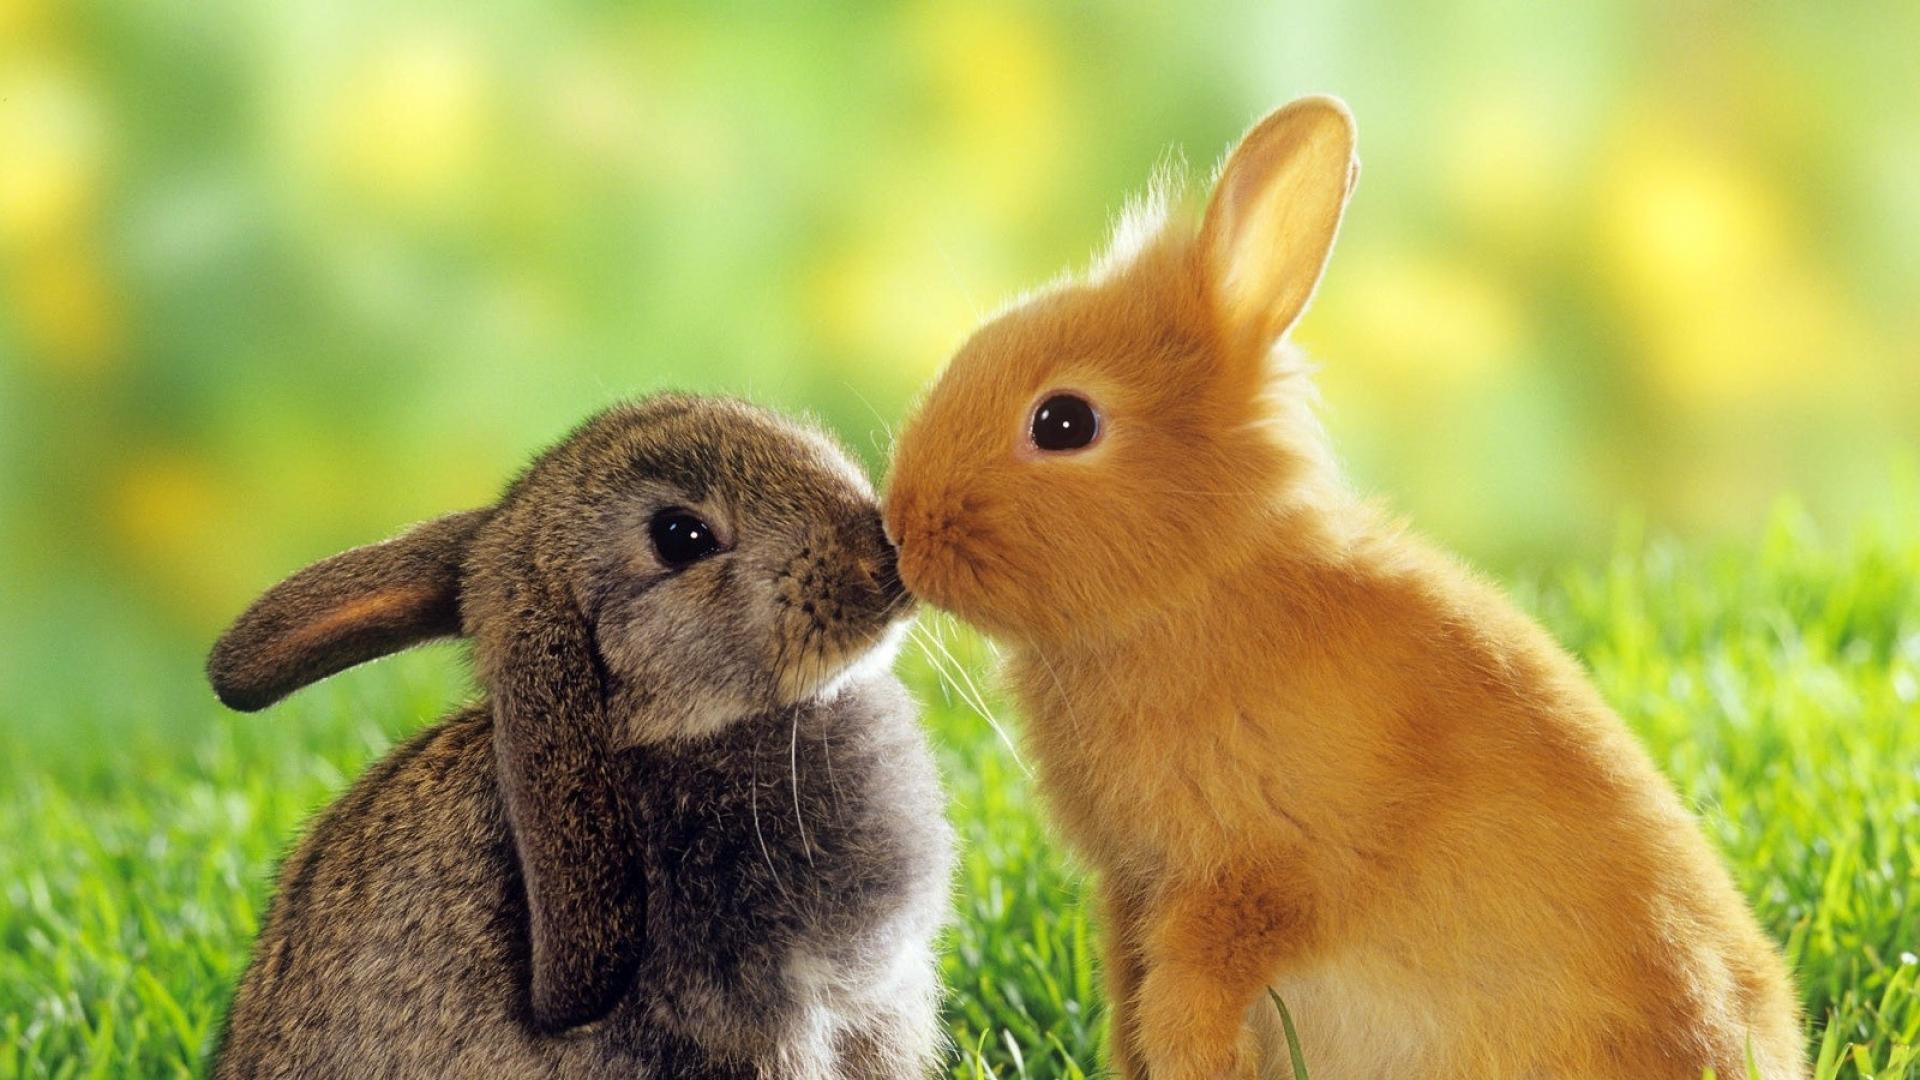 Boy Girl Kiss Hd Wallpaper Download Wallpaper 1920x1080 Rabbit Couple Kiss Grass